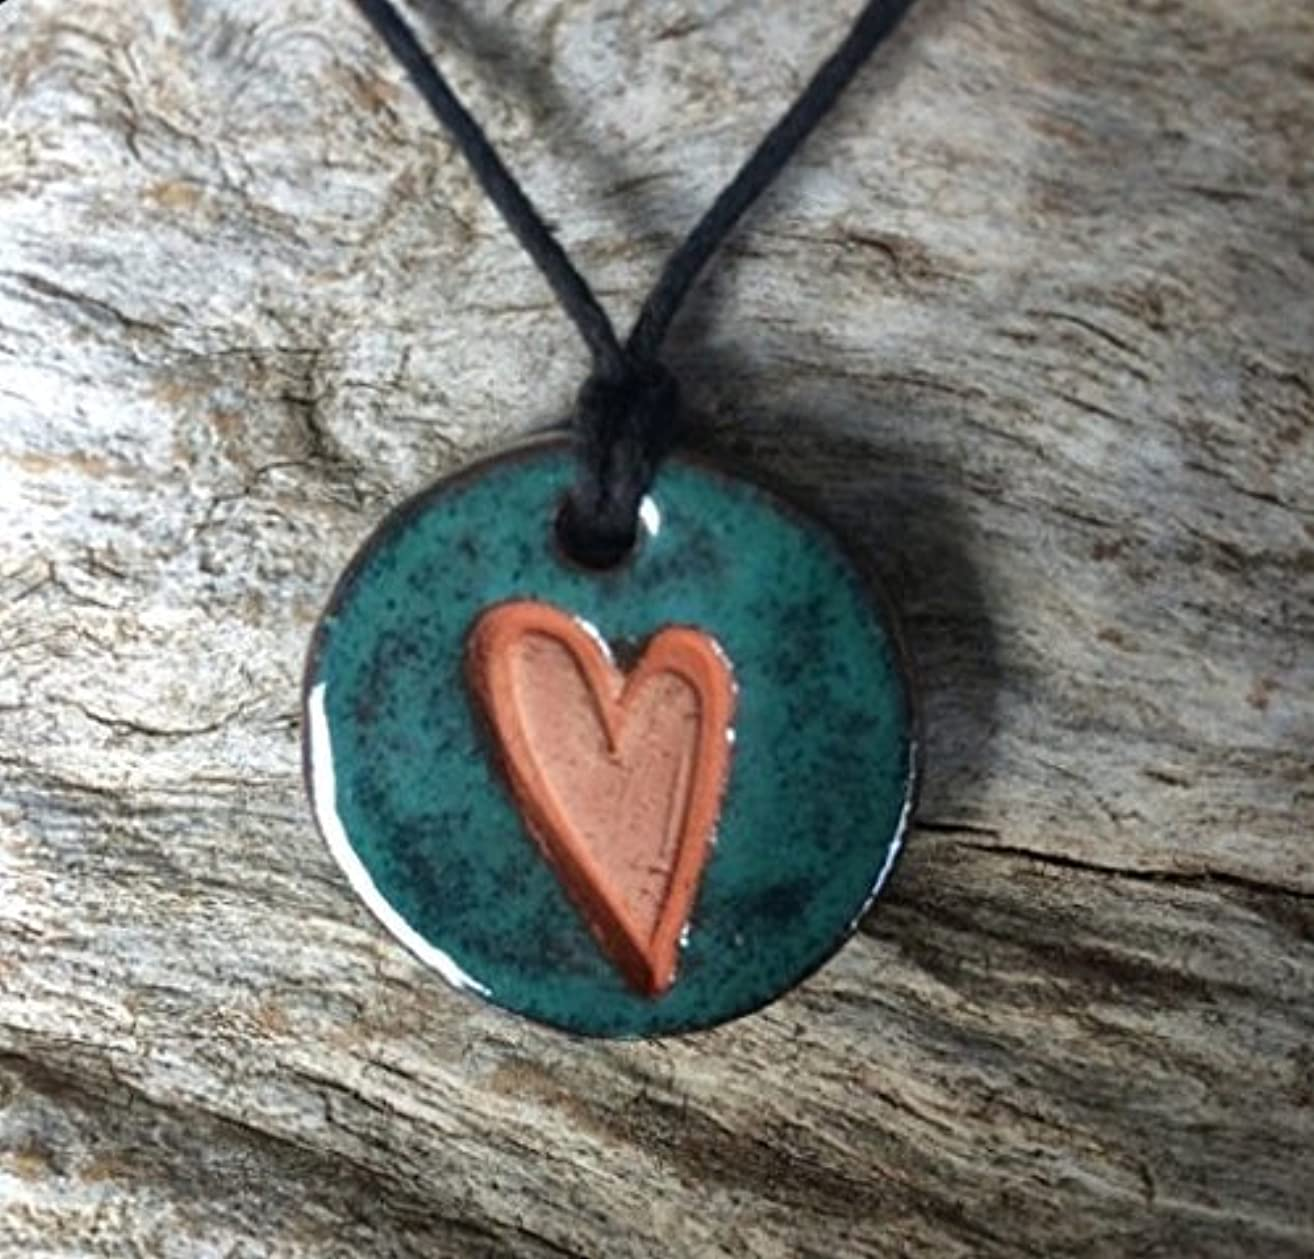 Essential Oil Diffuser Necklace | Heart Diffuser Necklace | Aromatherapy Jewelry | Clay Heart Diffuser | Essential Oil Accessory